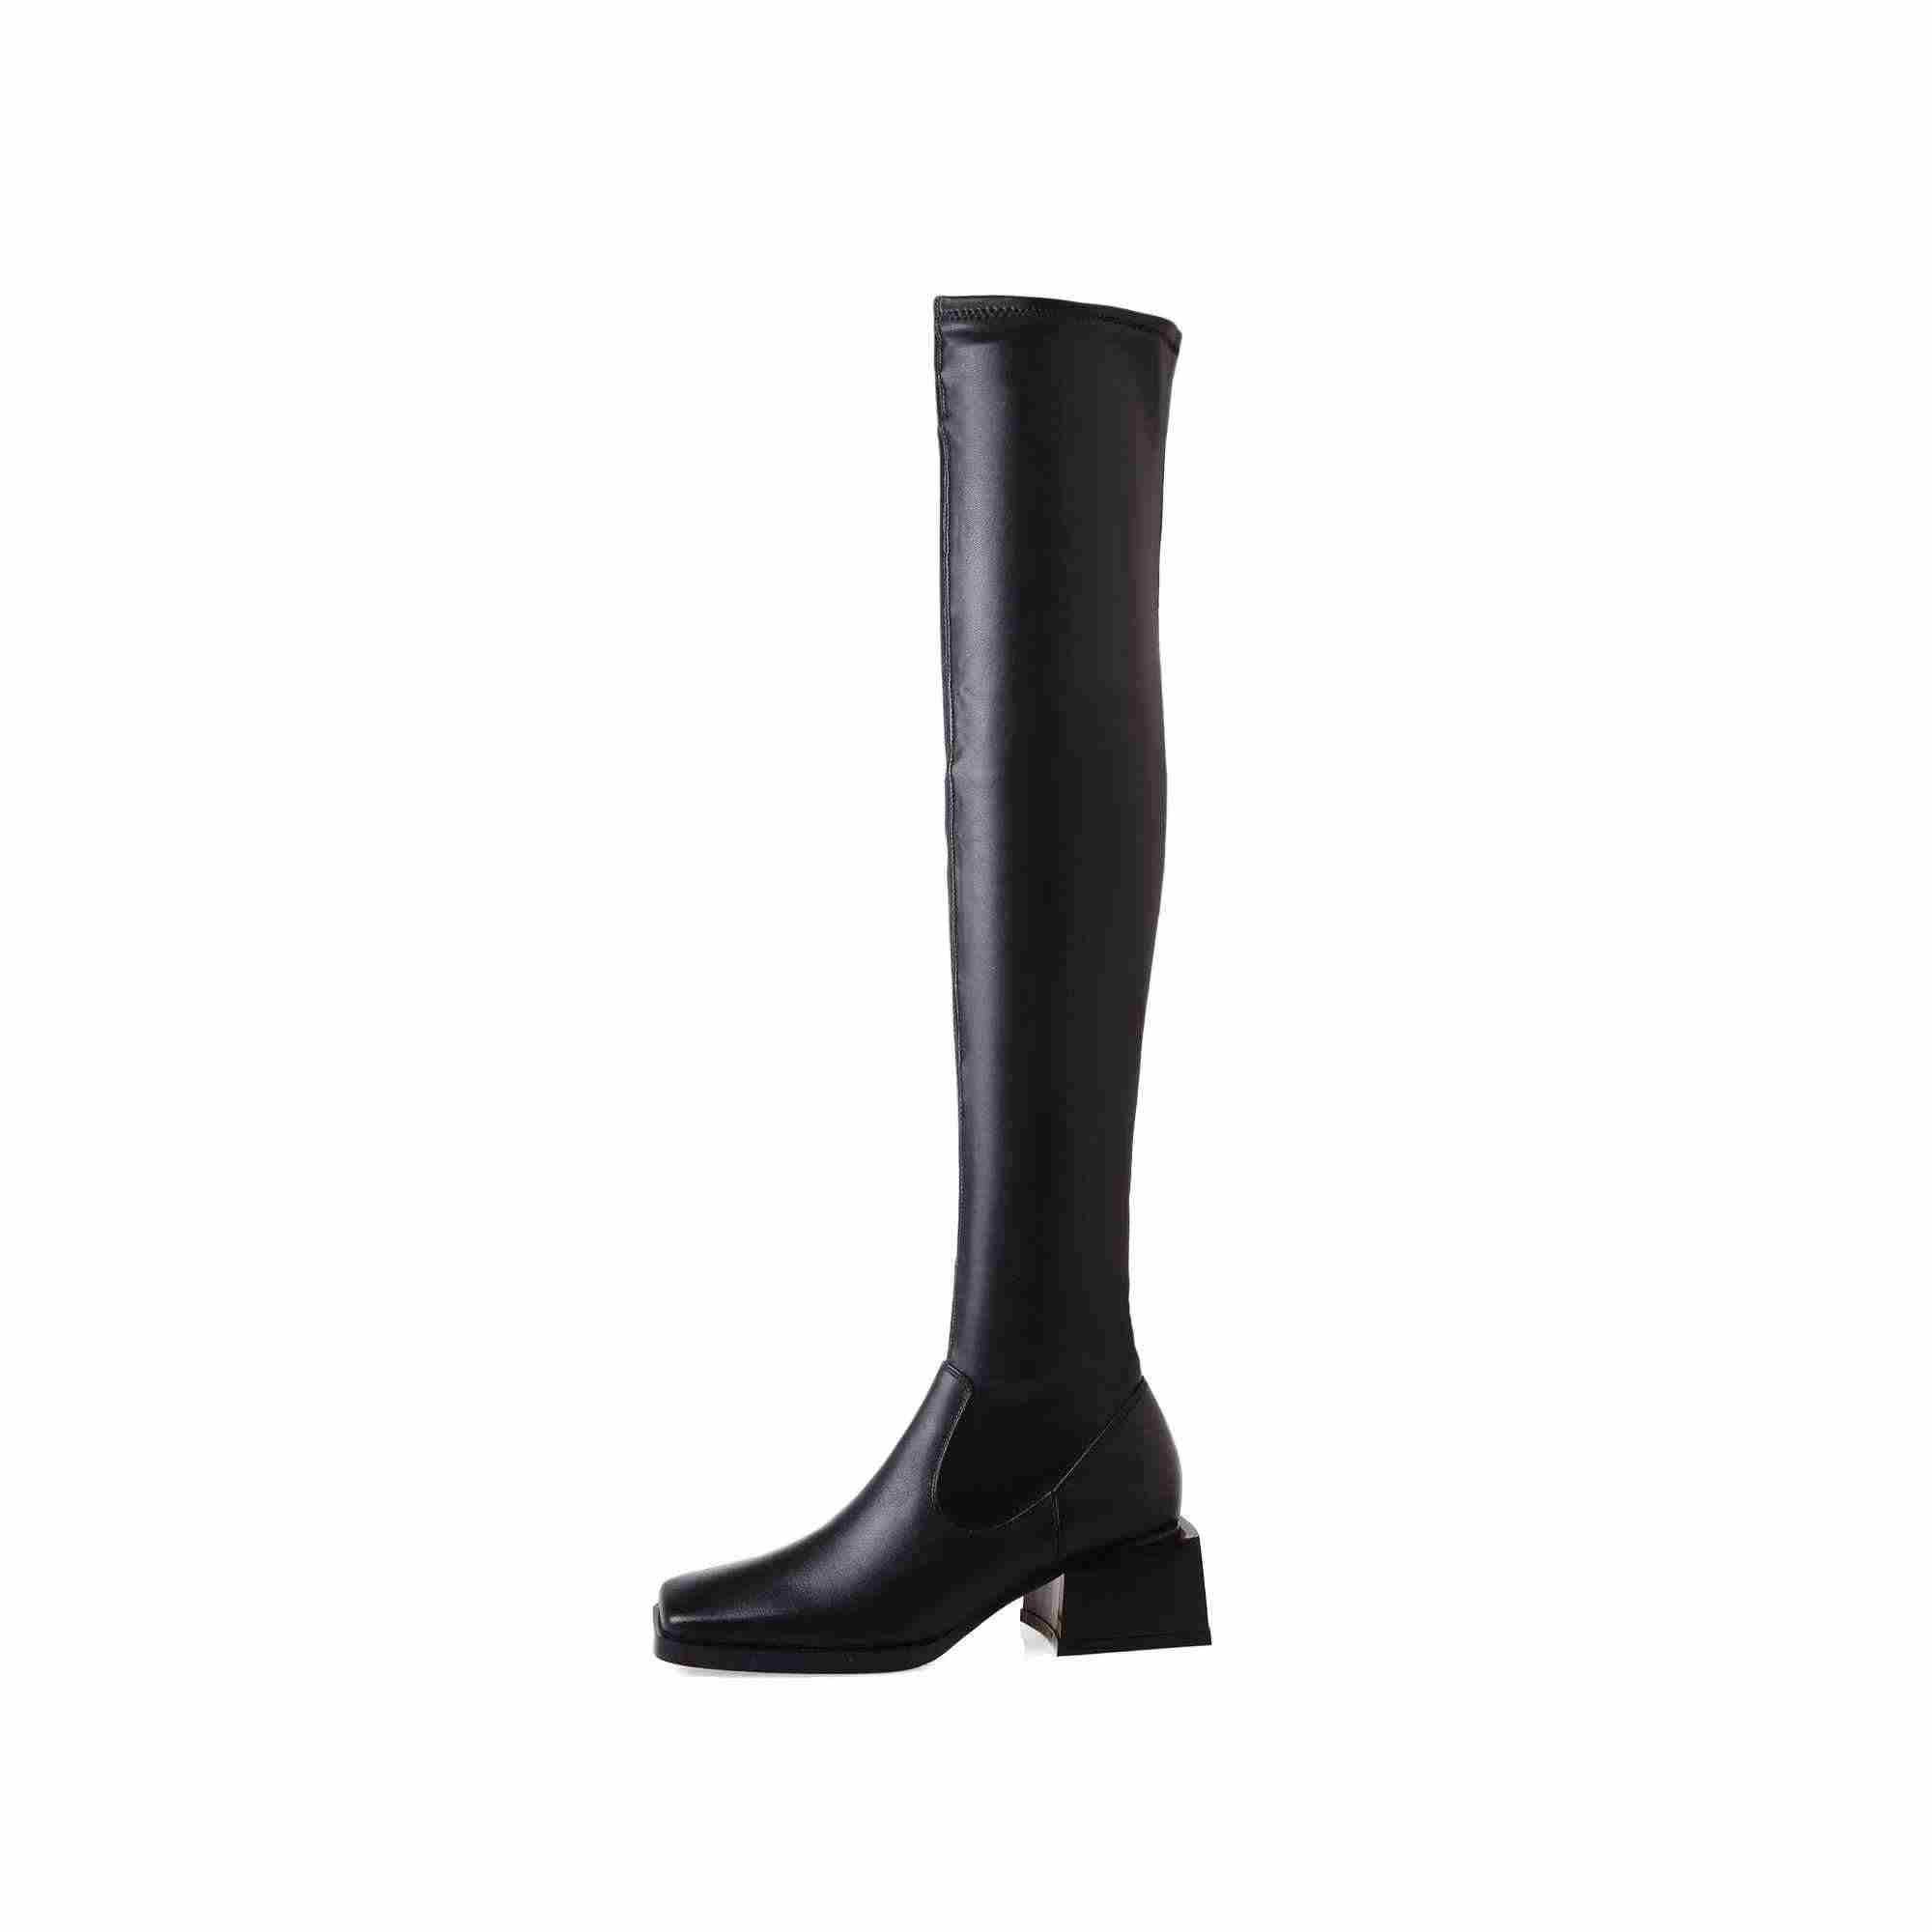 Lenkisen einfache stil mode karree stretch stiefel high heels schwarz farben täglichen verschleiß winter frauen über-die- knie stiefel L87